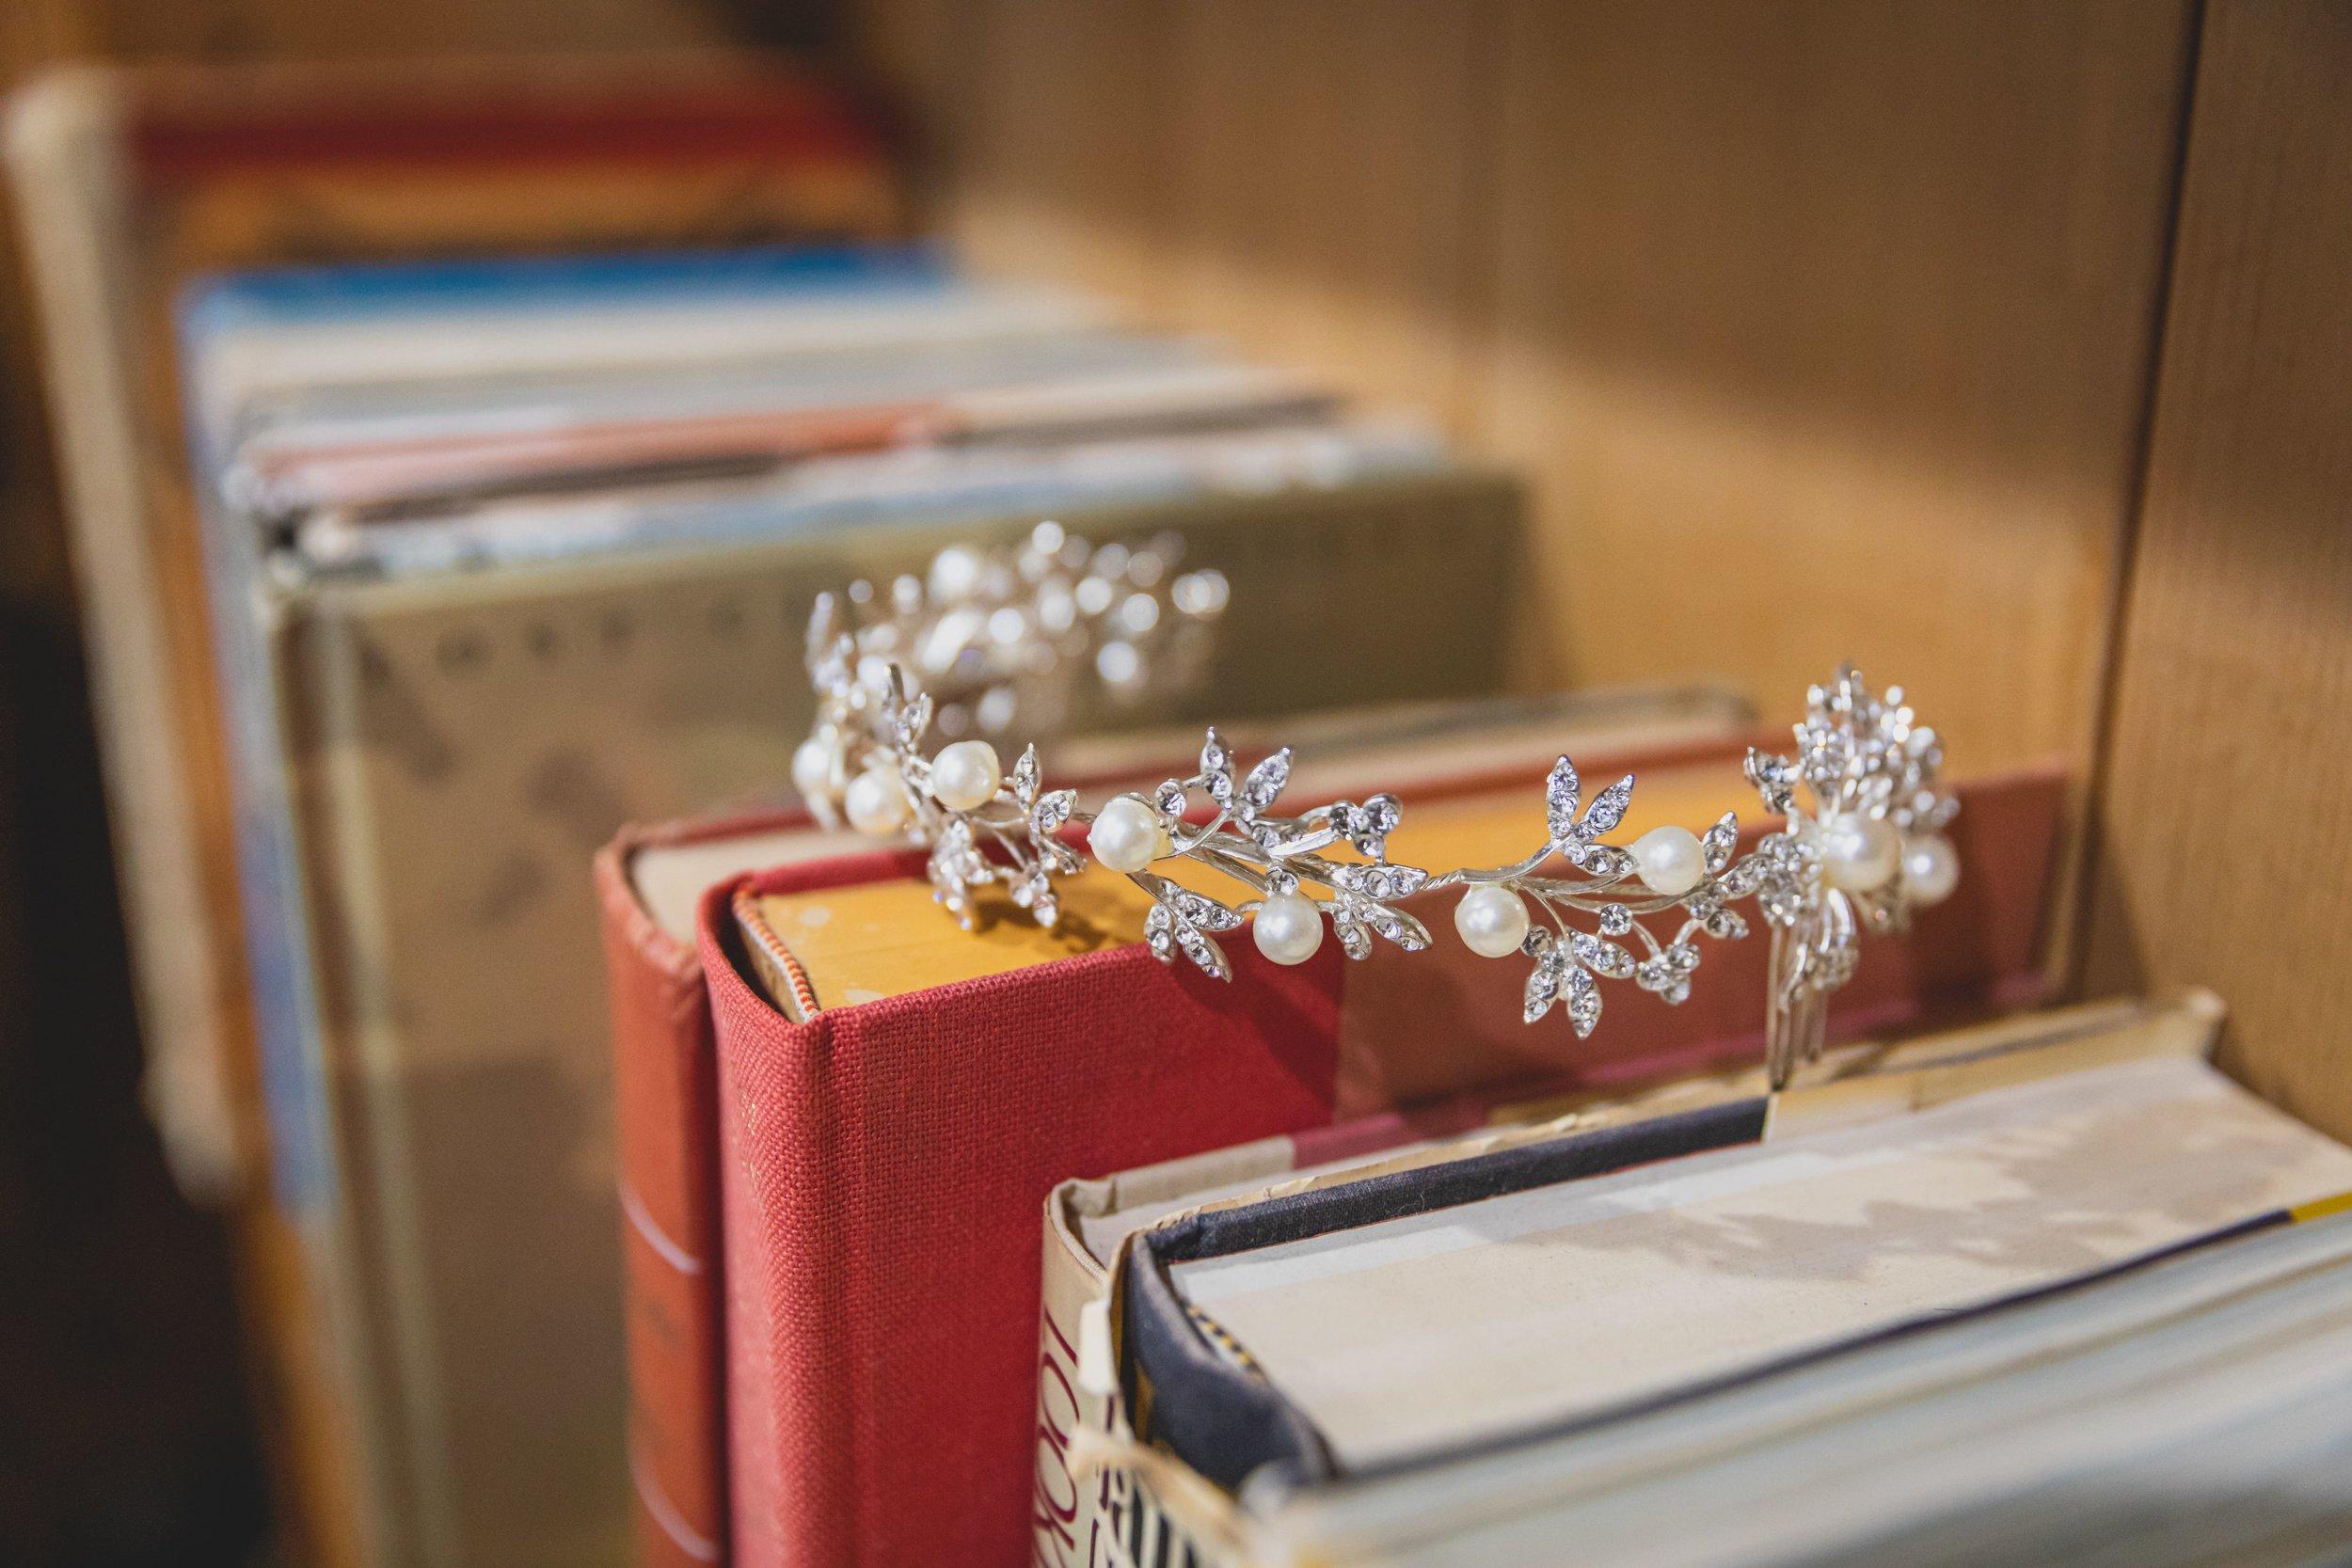 Wedding Photography - Something Old, Something New, Something Borrowed, Something Blue - Wedding tiara photographed on a bookshelf